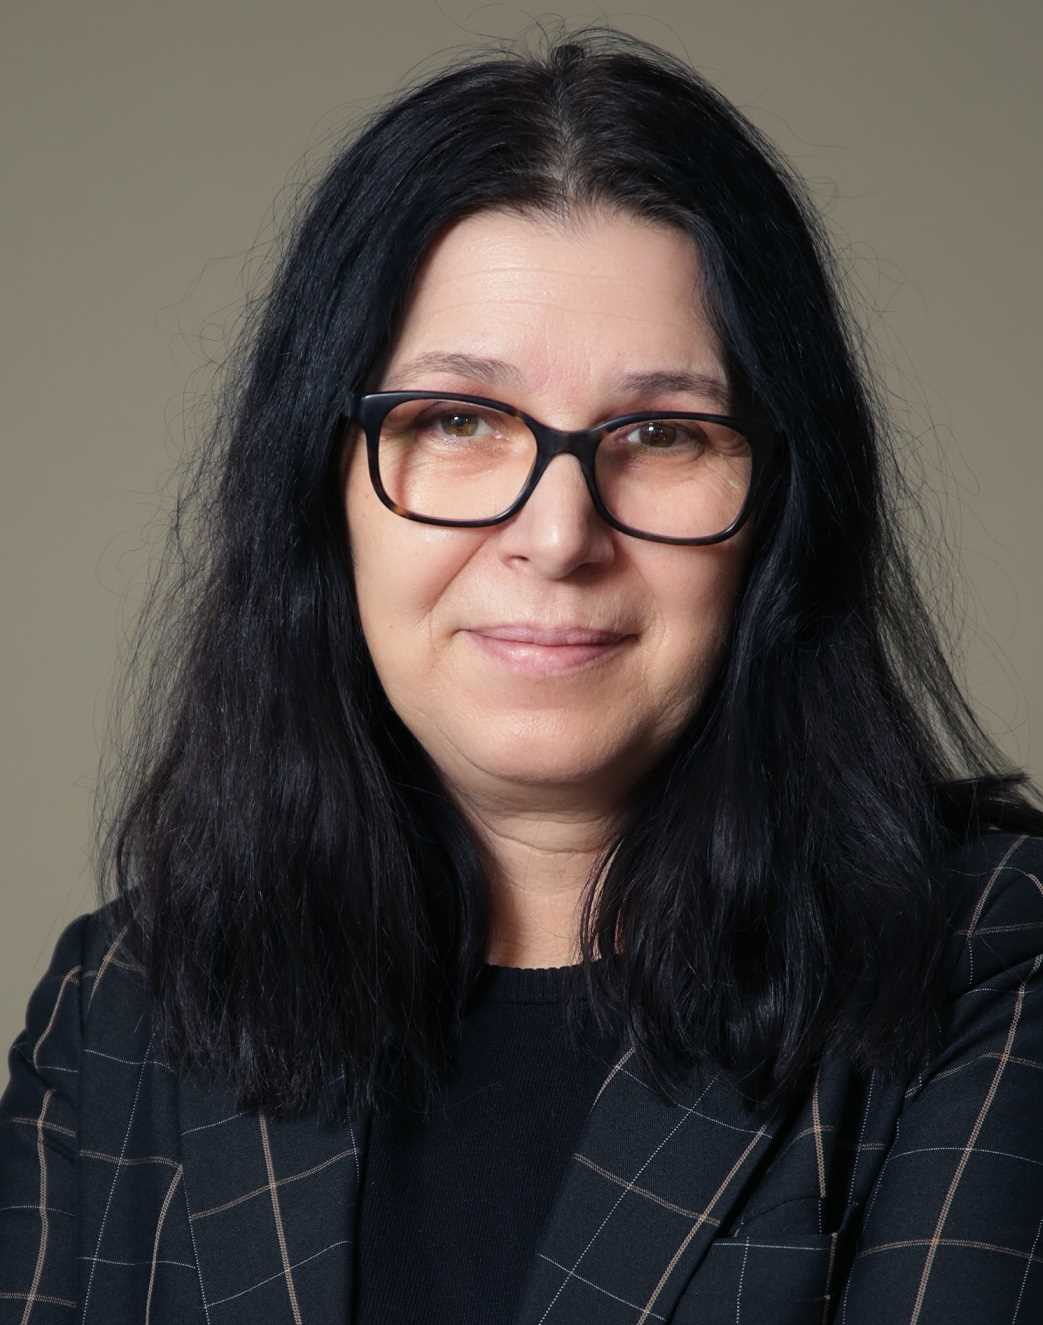 Florita Raifi